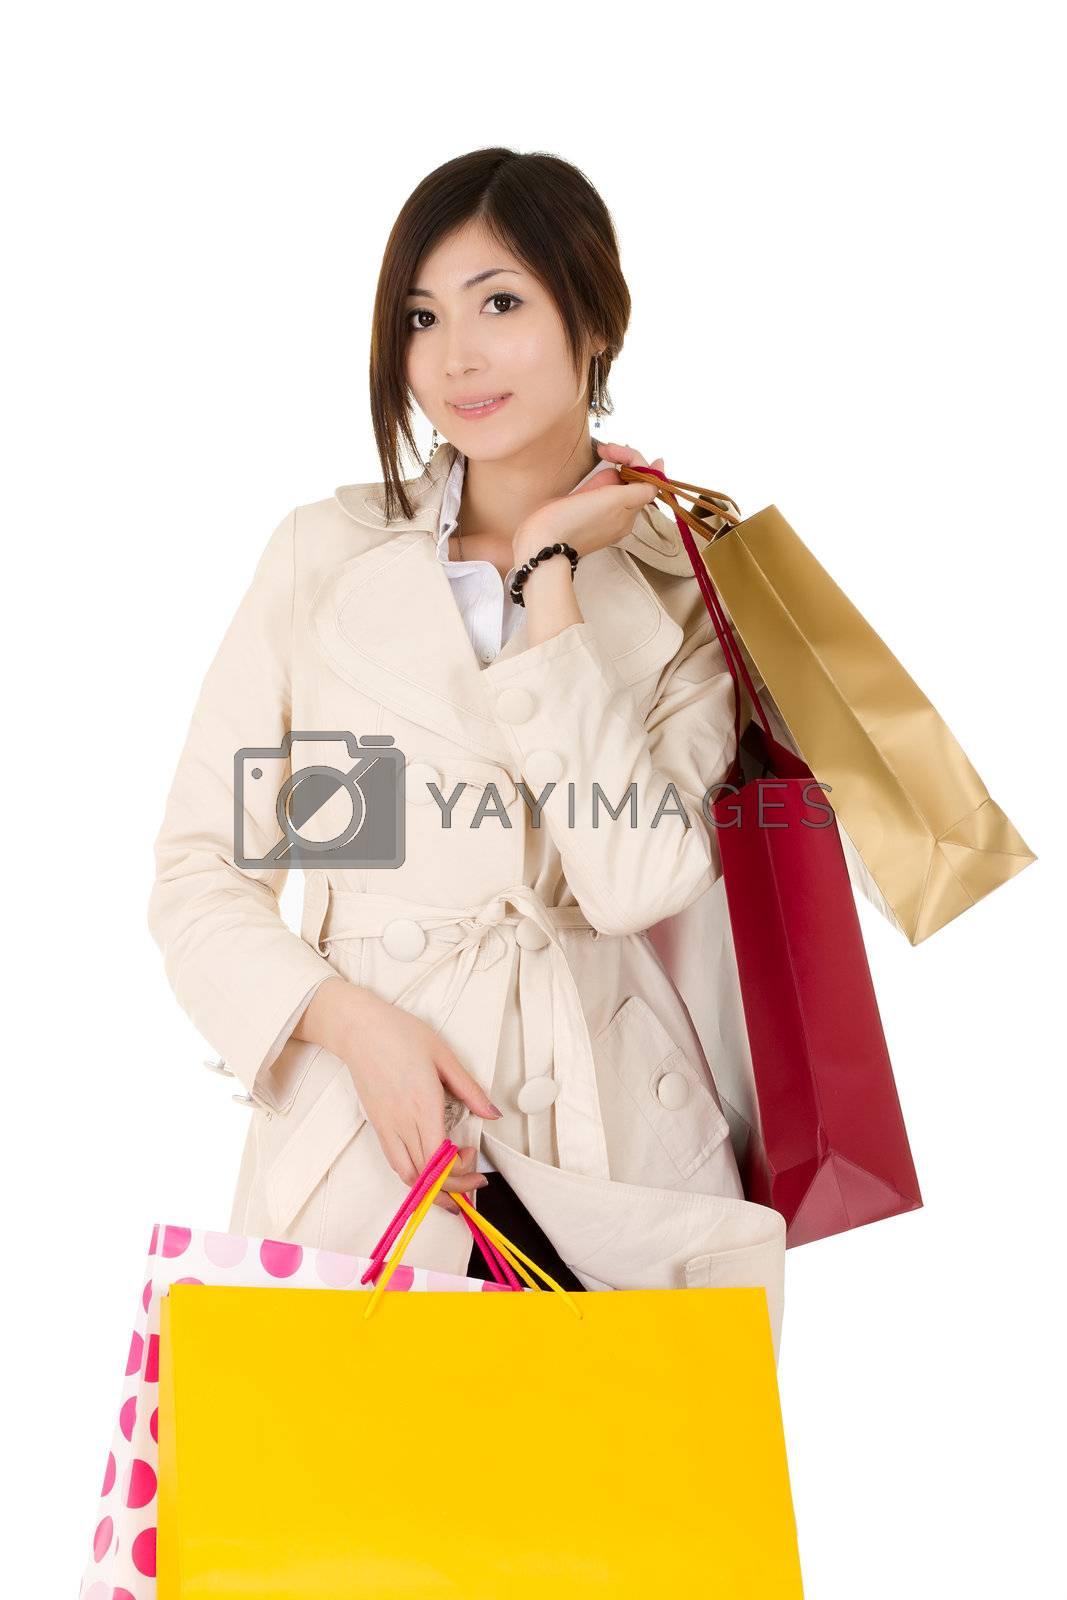 Royalty free image of shopping by elwynn